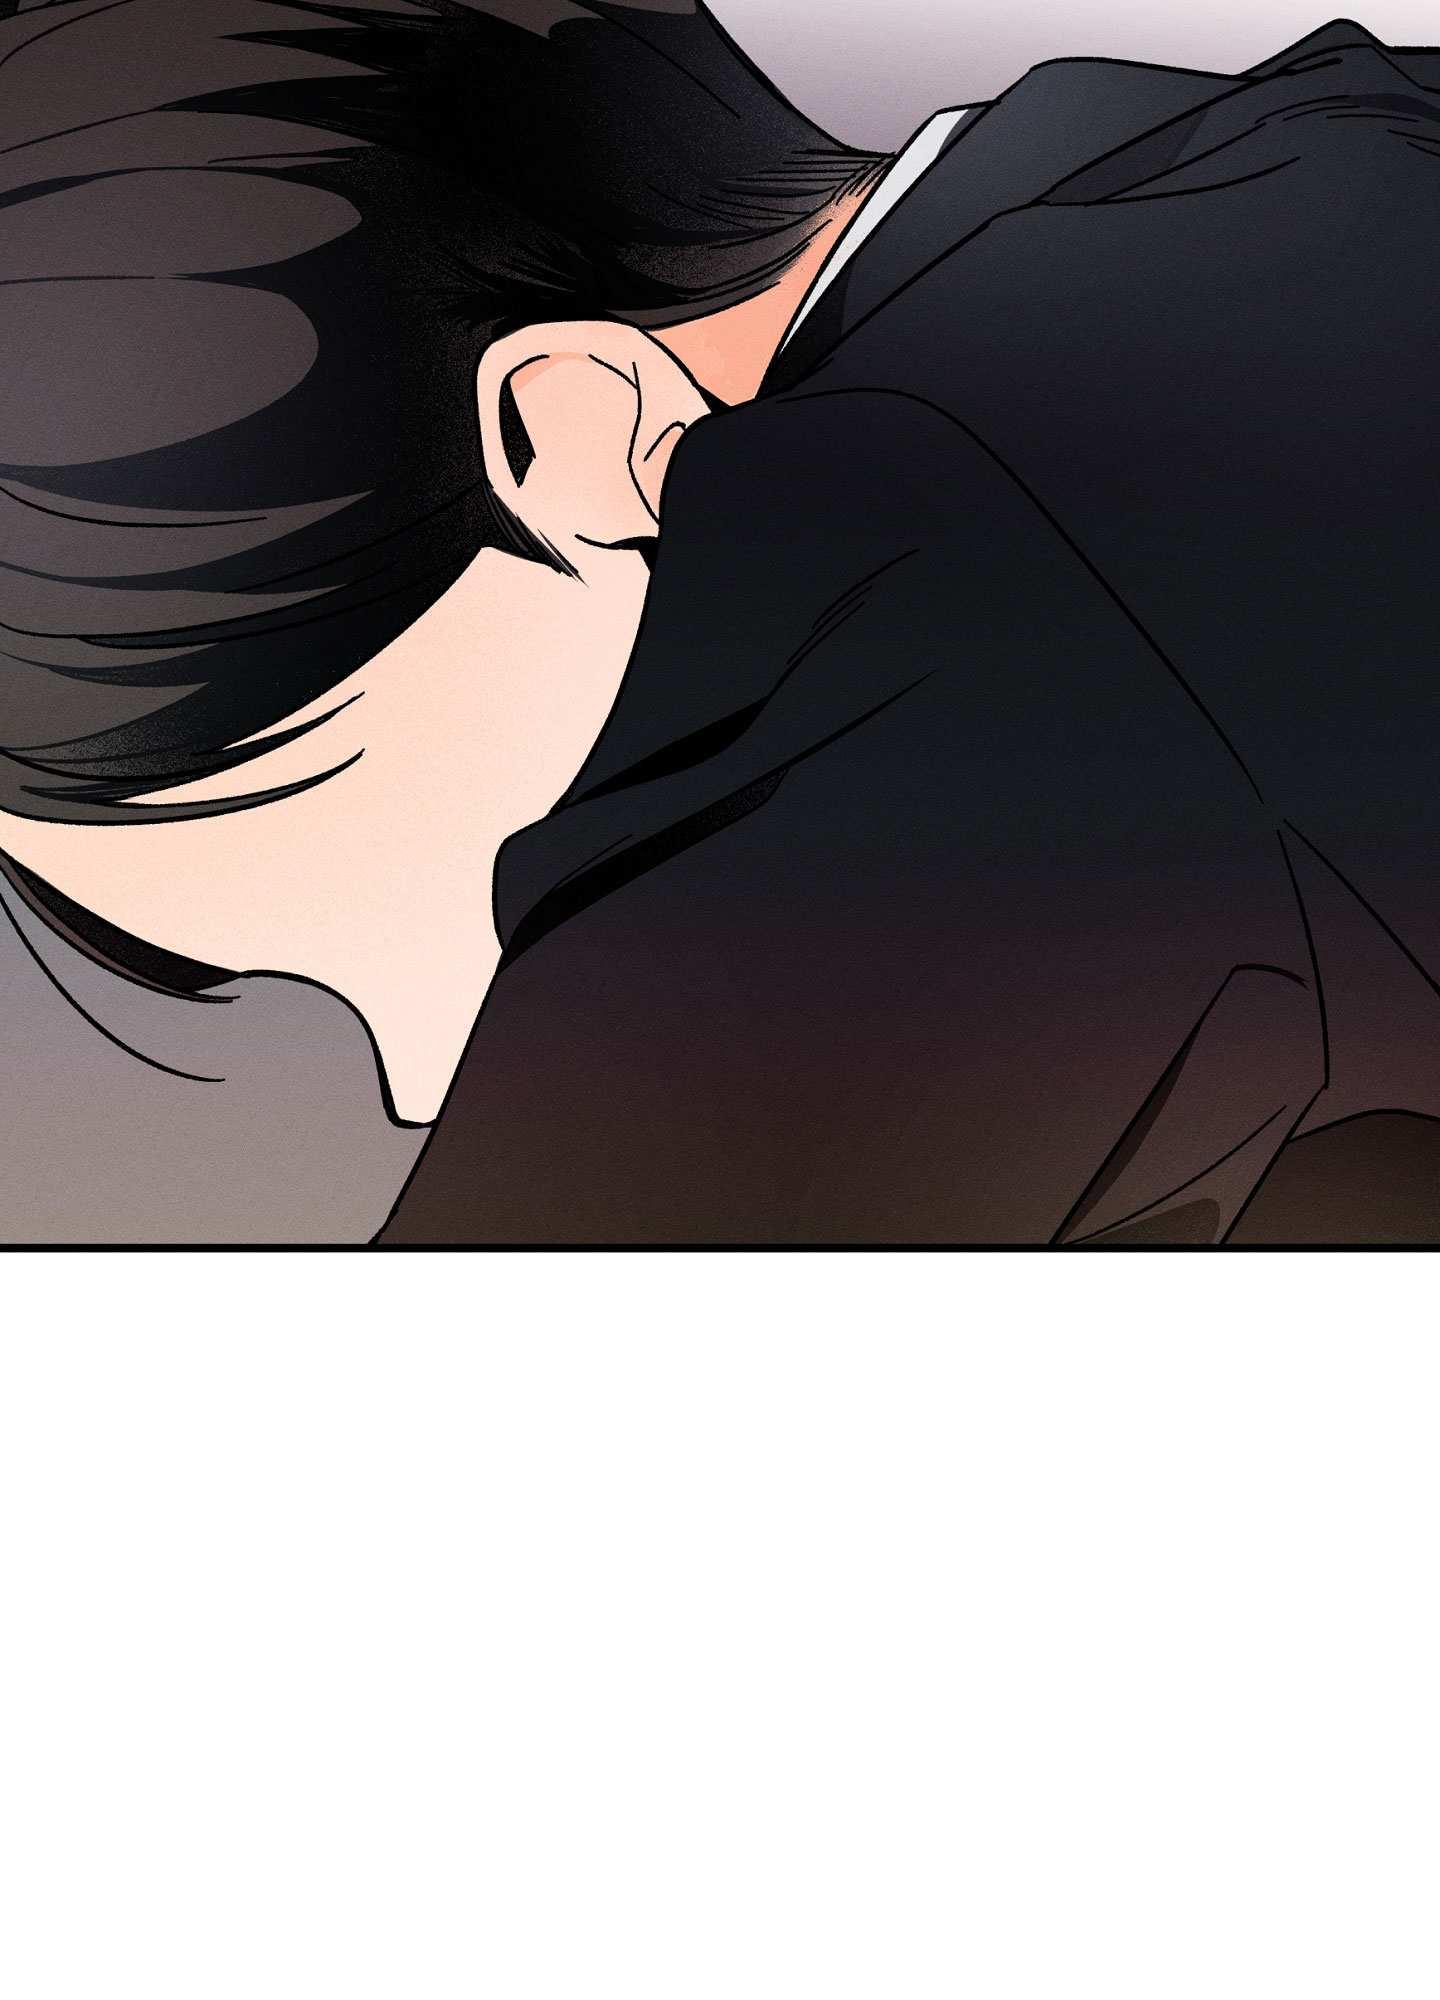 韩漫《异恋》  污污的,在梦里和鬼怪do了?!